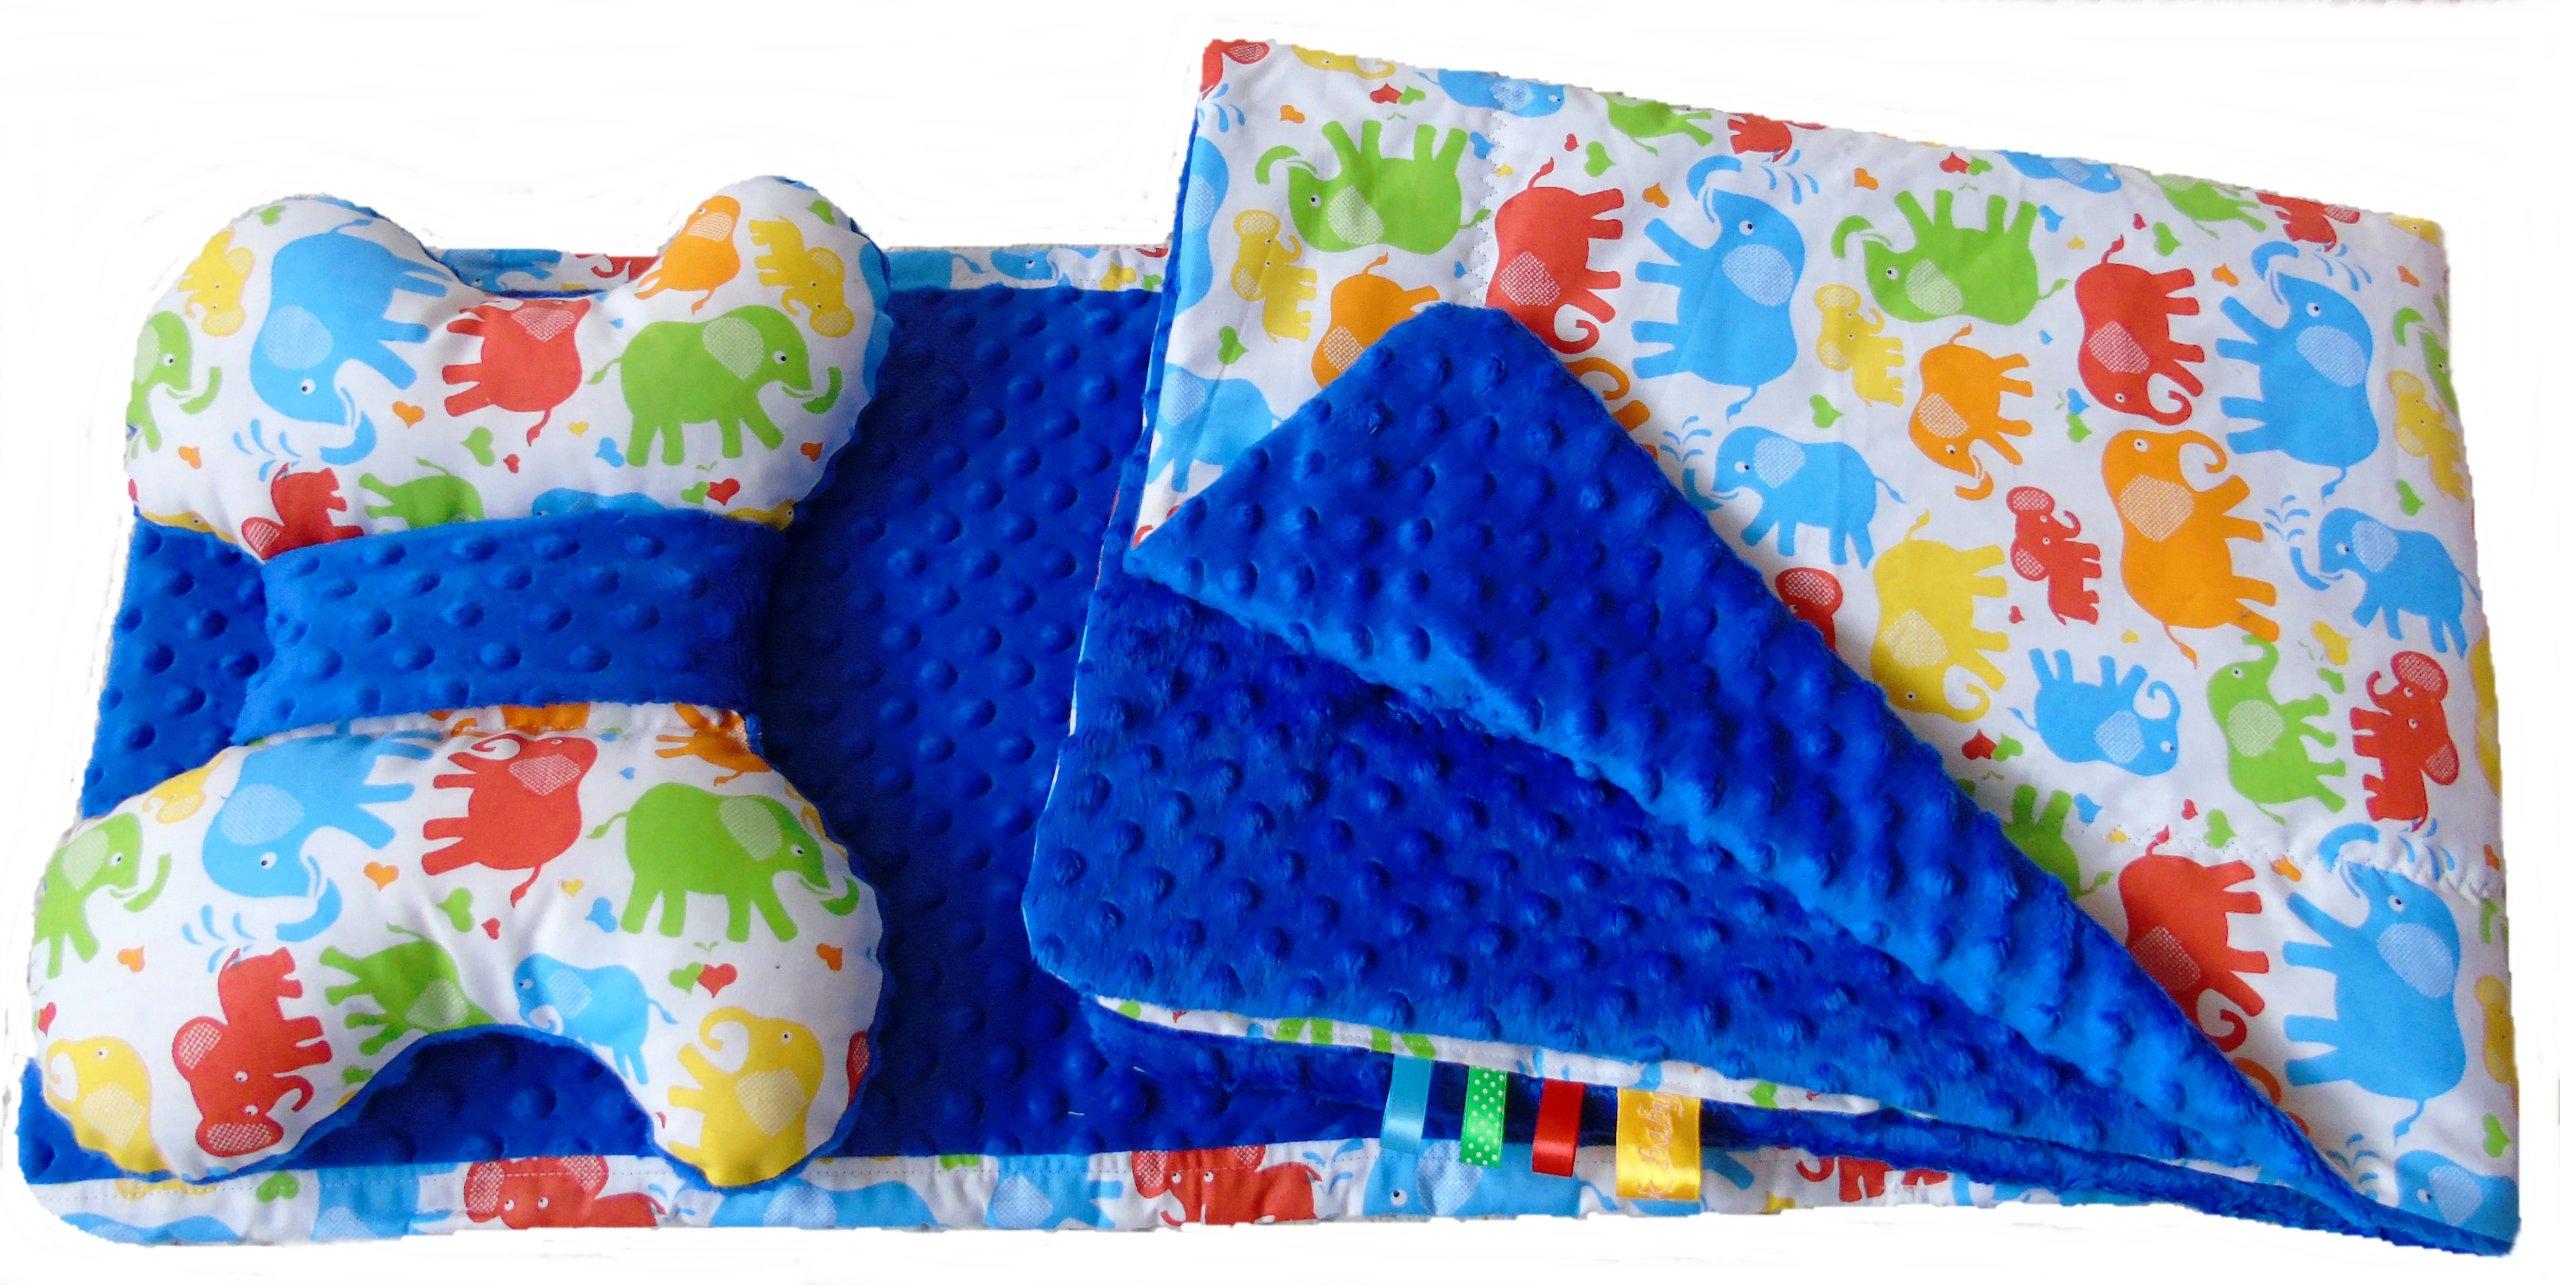 sada pre kočík: deka + vložka + vzory Butterfly Minky